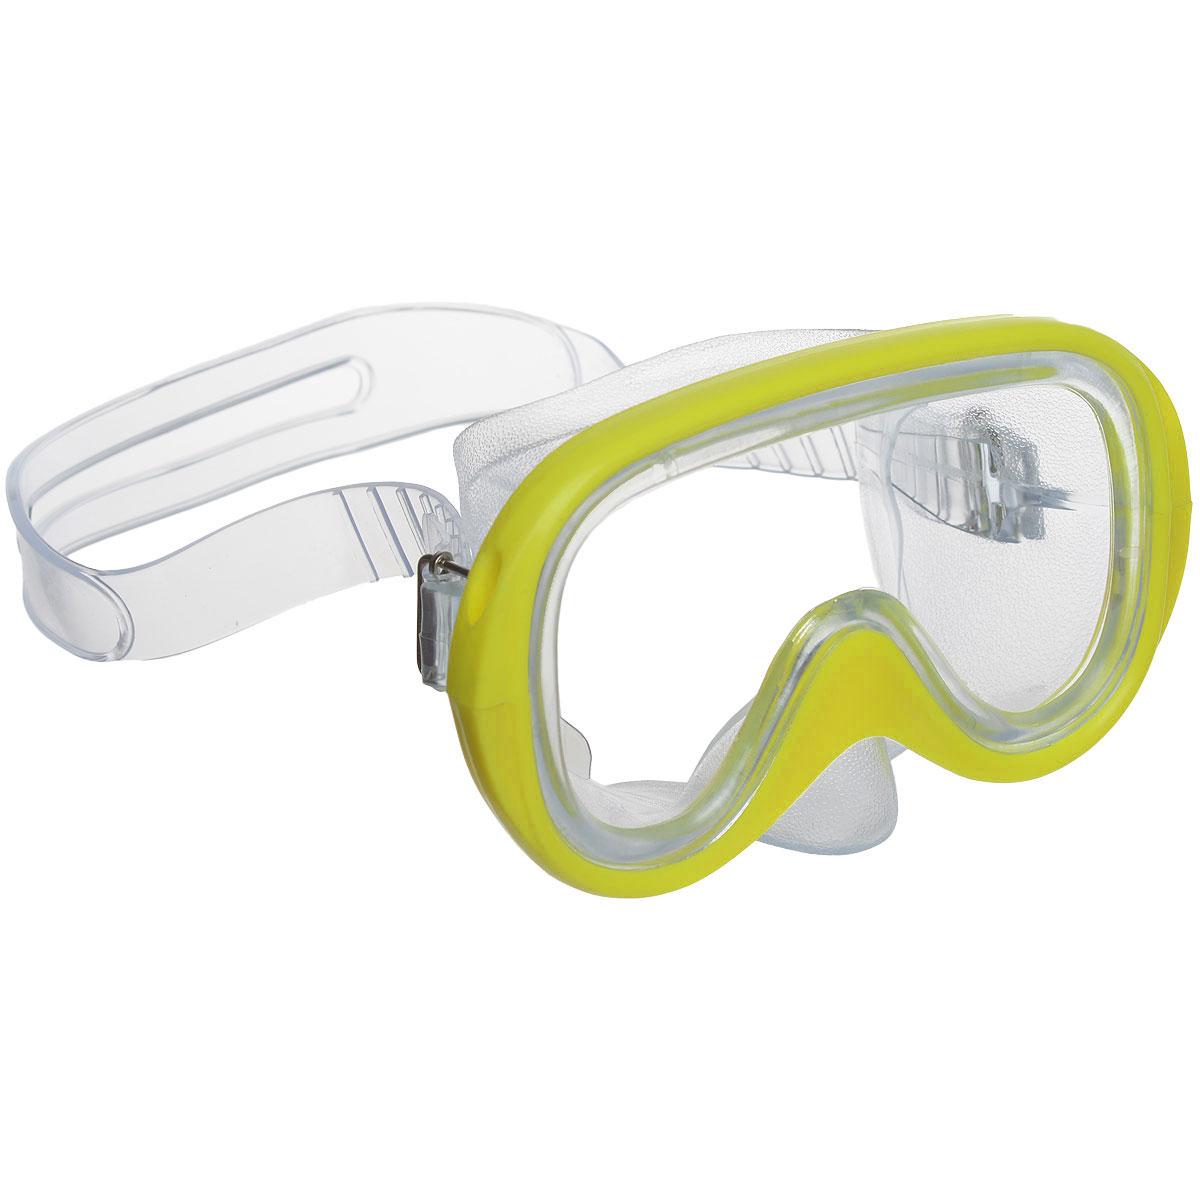 Маска для плавания Fashy Menorca, цвет: желтый8802-30Стильная маска Fashy Menorca отлично подойдет для подводного плавания. Она хорошо прилегает к лицу и обеспечивает превосходный обзор. Мягкий ремешок раздвоен в середине для более надежной фиксации маски на голове и регулируется с обеих сторон.